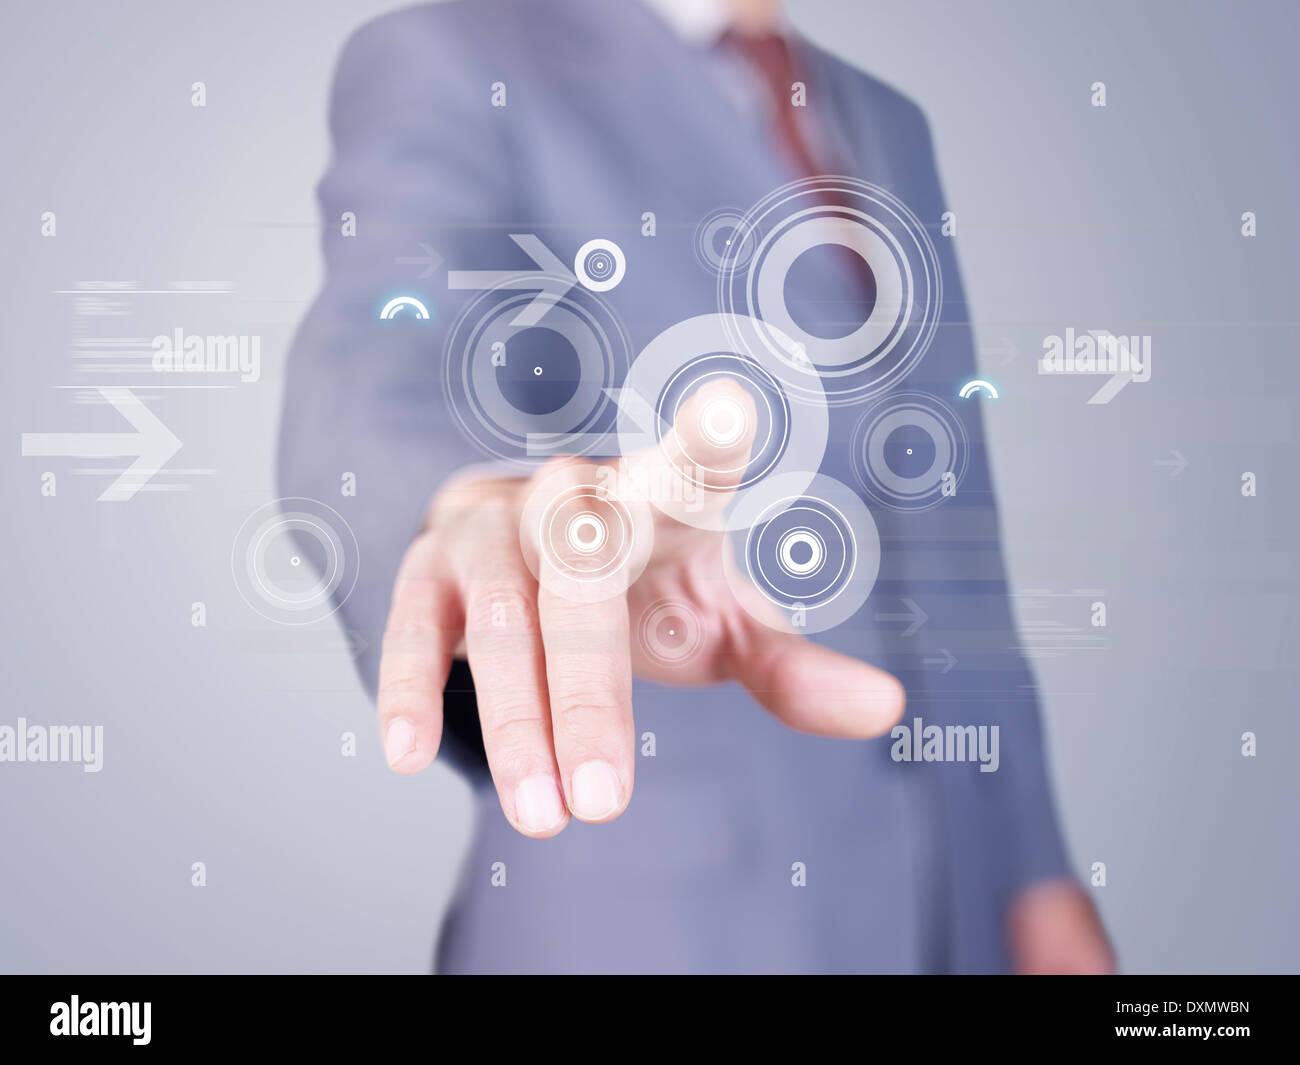 virtuellen Finger drücken der Tasten Stockfoto